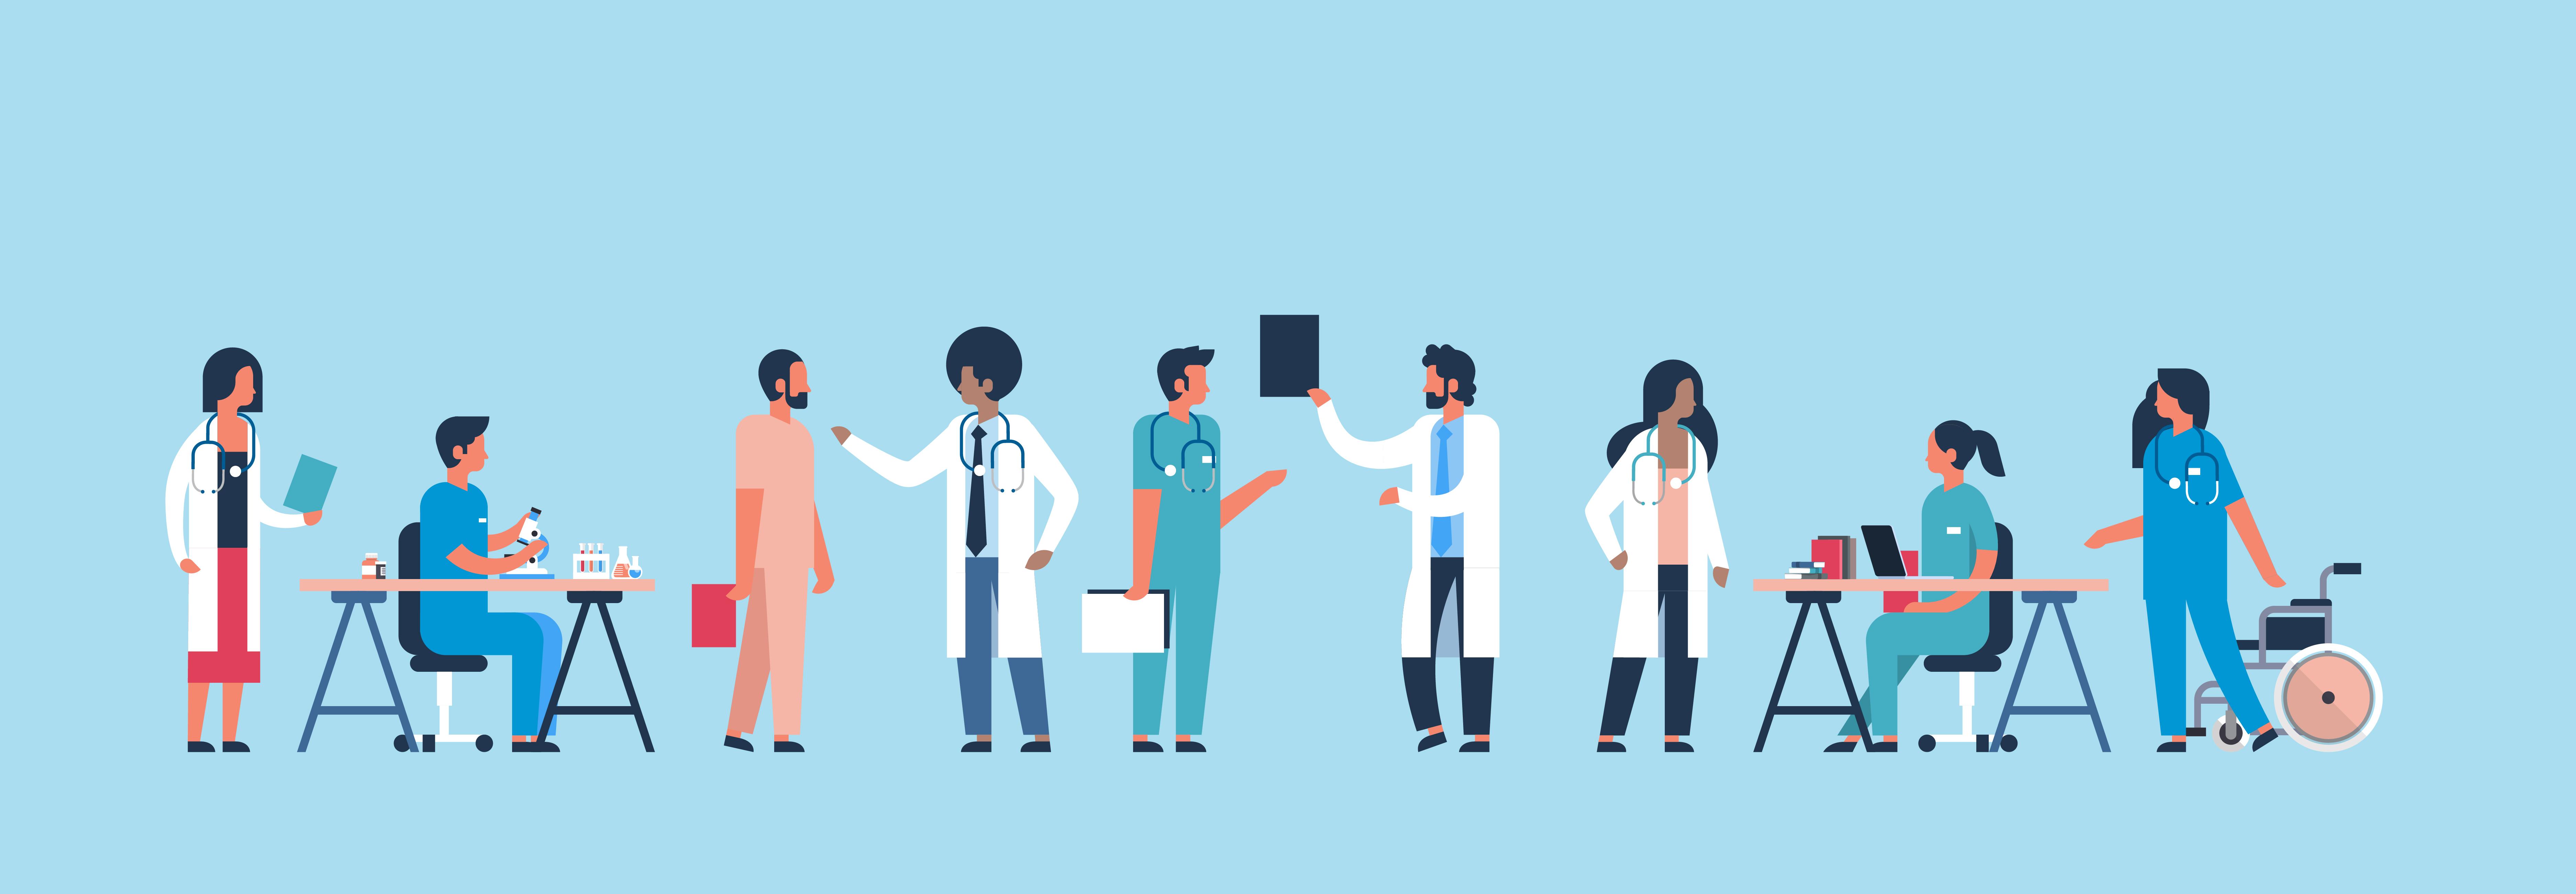 Cómo Springer Healthcare está mejorando la formación del personal médico-sanitario